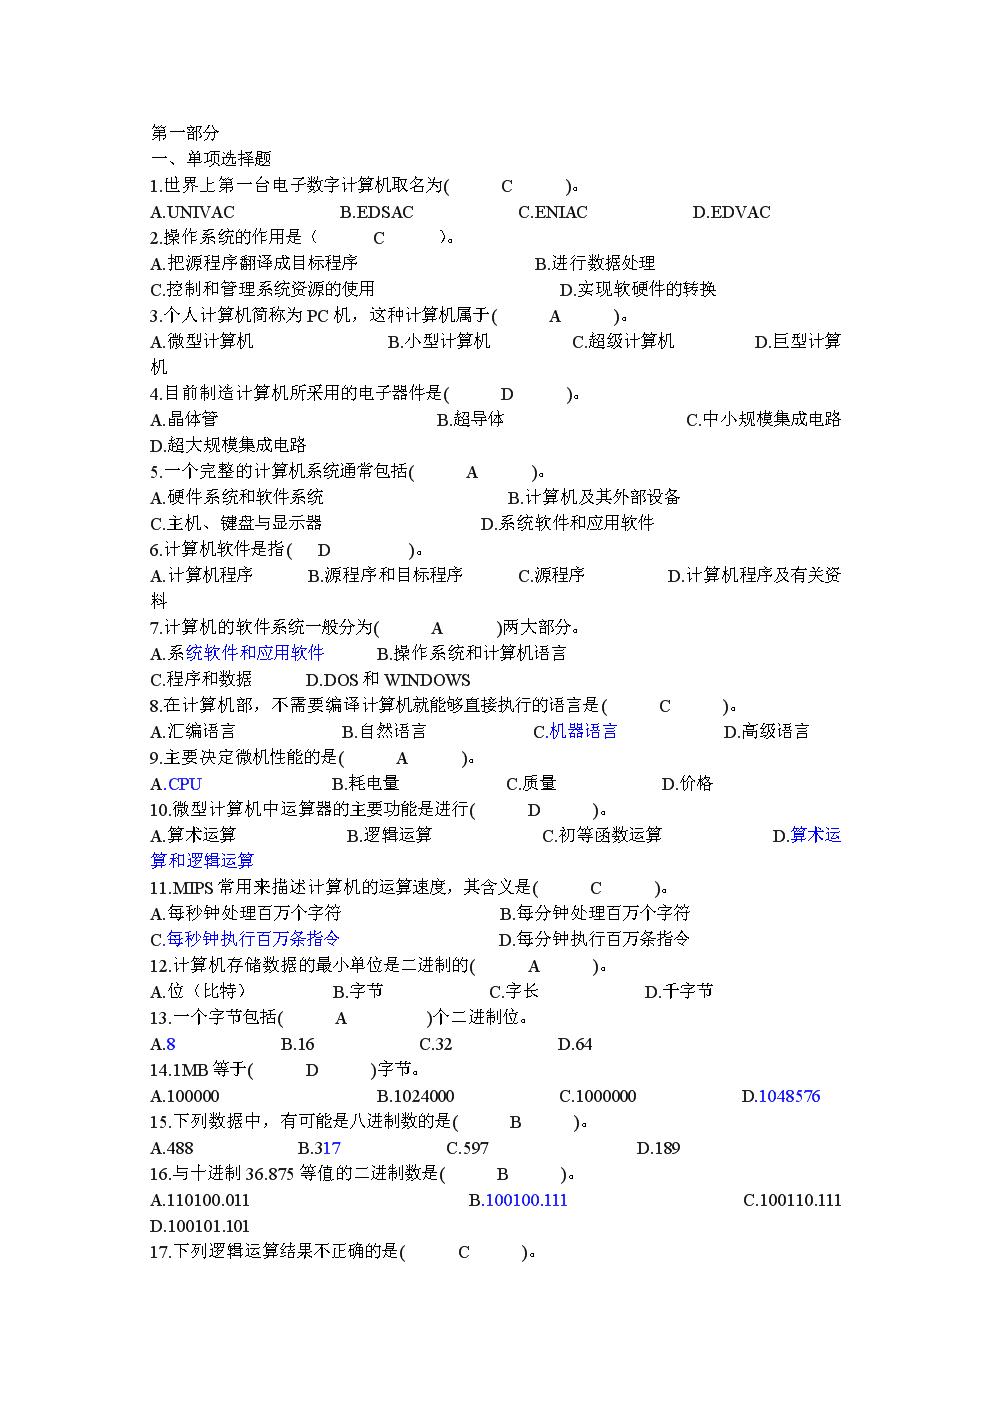 计算机基础知识精彩试题及问题详解 (1).doc